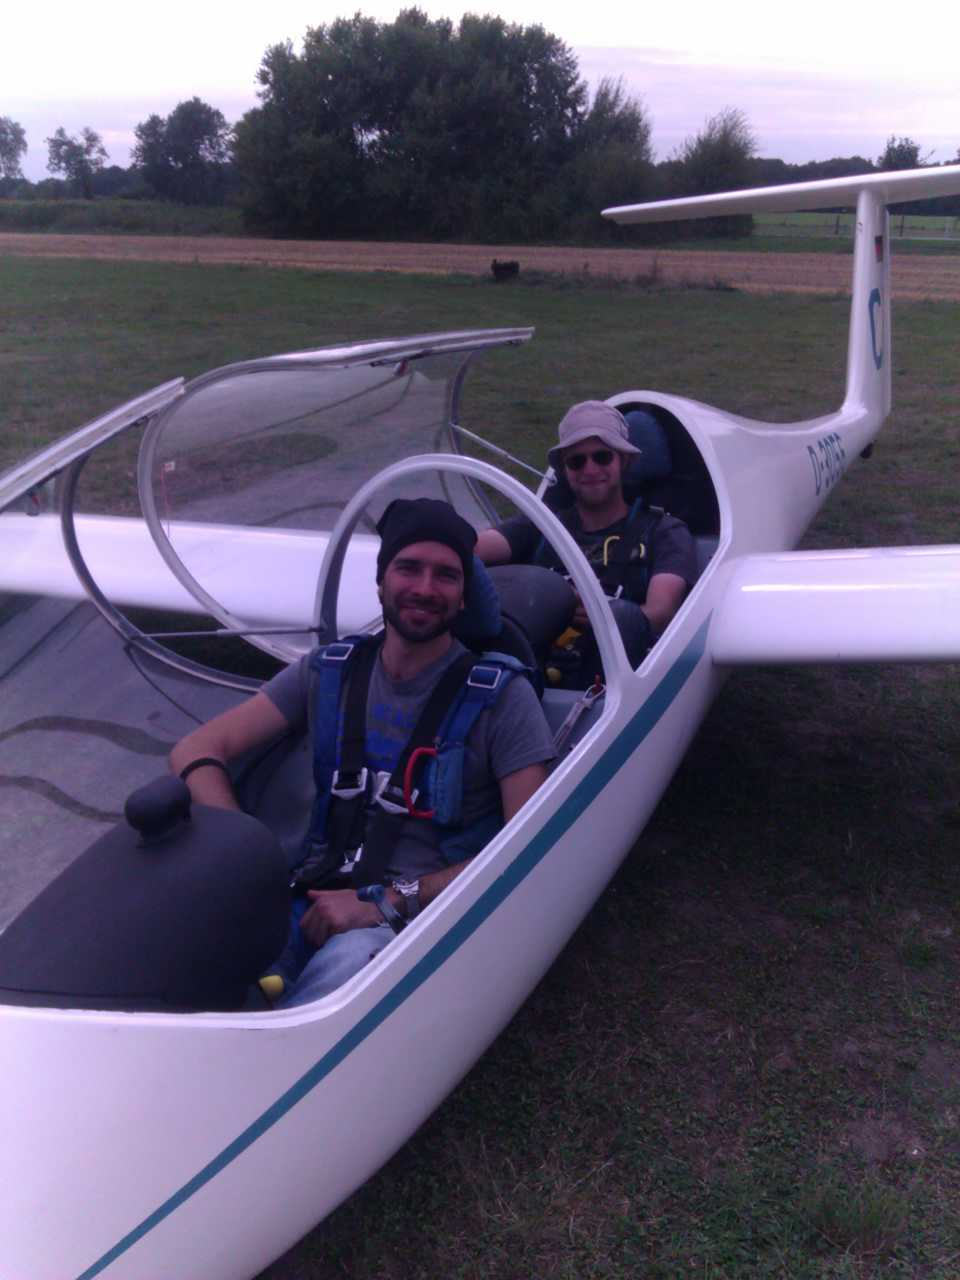 Hertelteilnehmer und Fluglehrer Philip